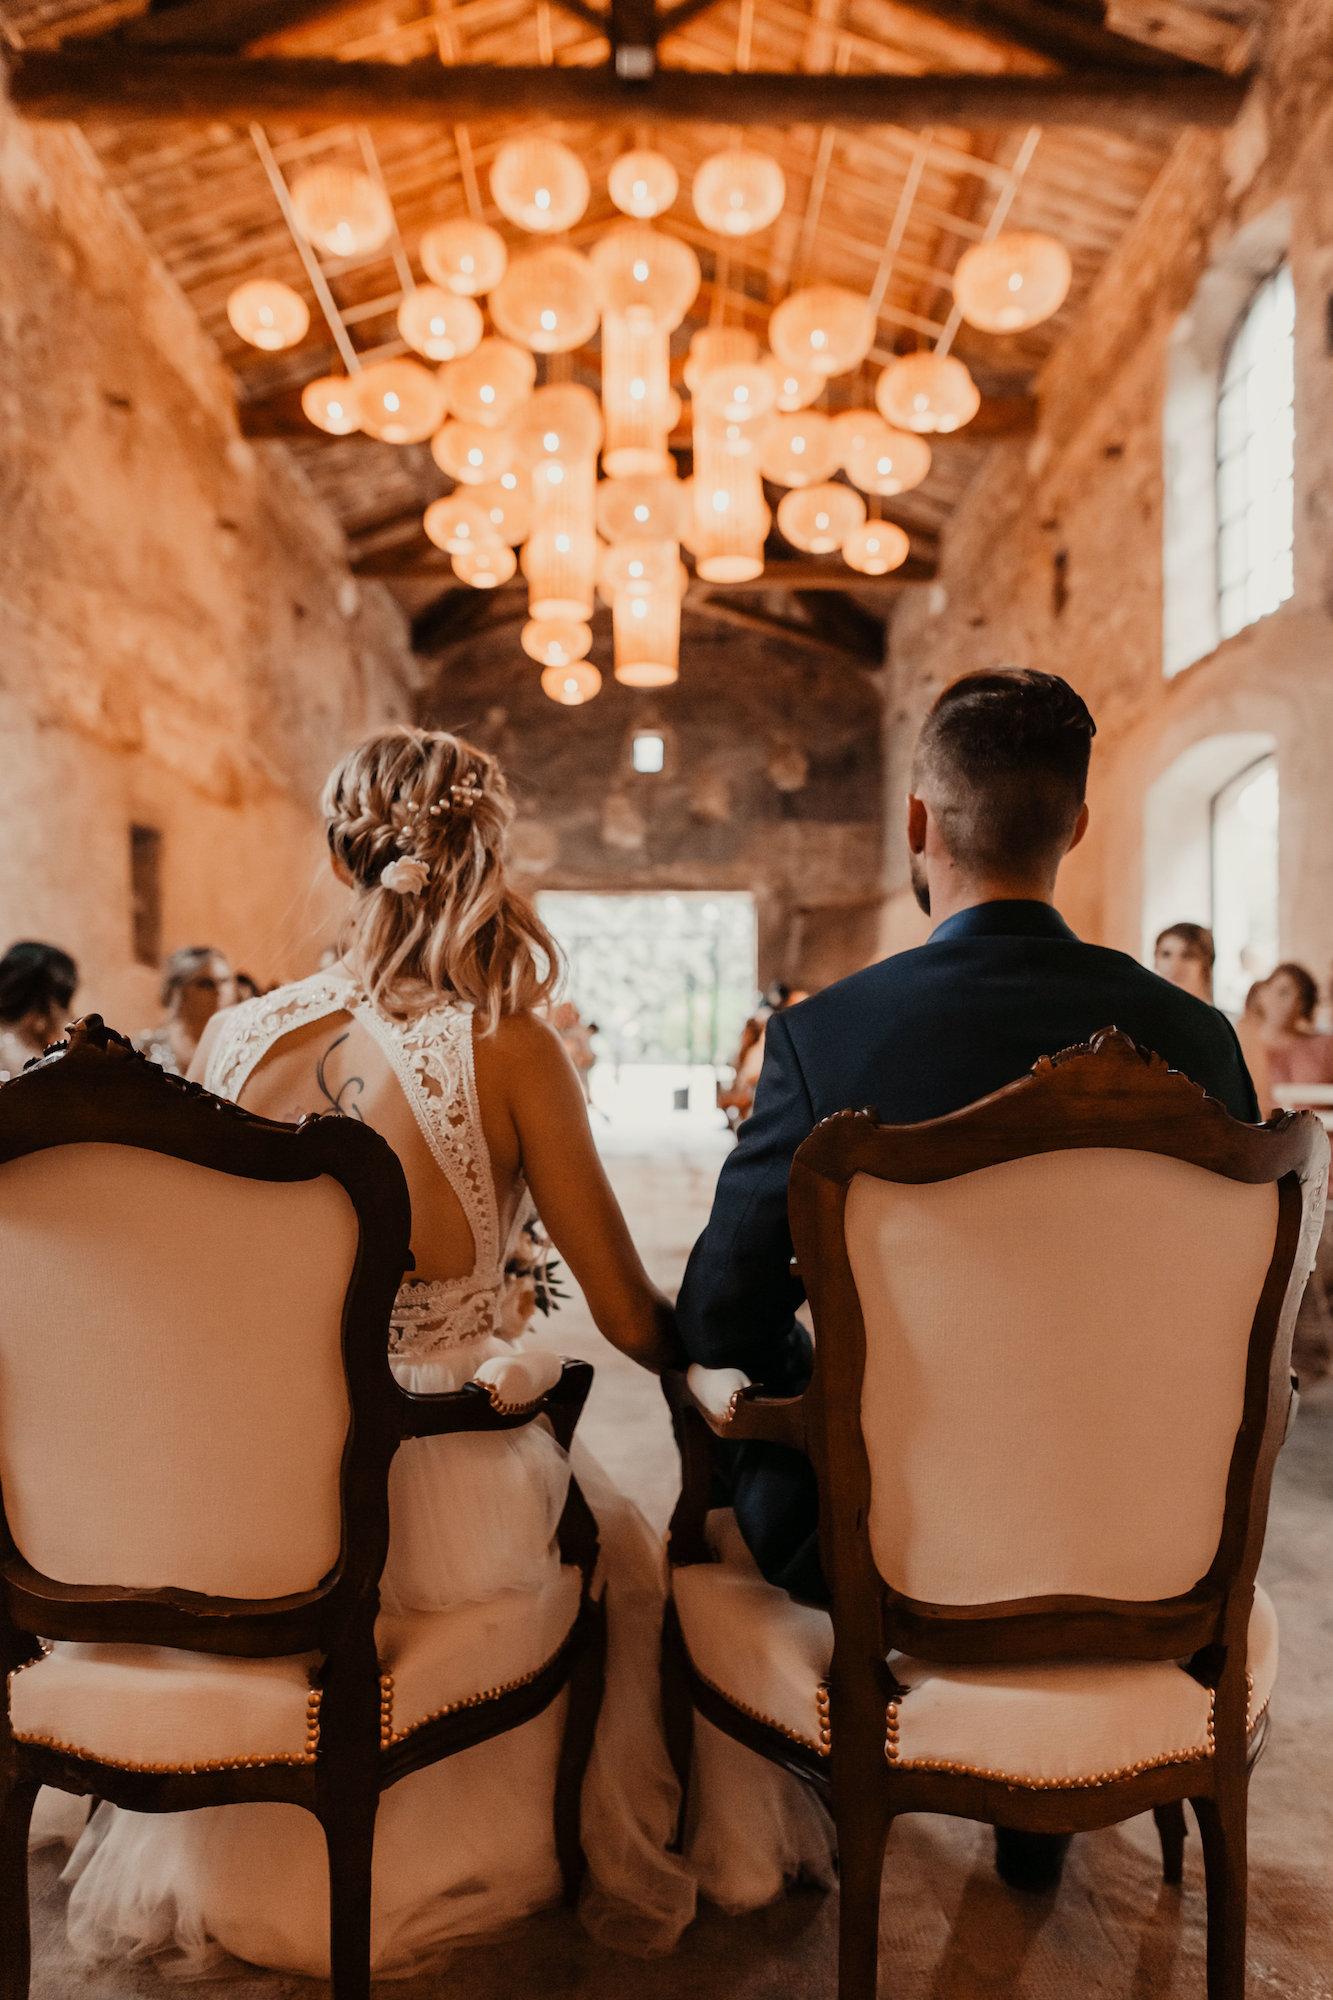 le coeur dans les etoiles - wedding planner - provence - luberon - alpilles - organisation - mariage - wedding - florine jeannot - ceremonie